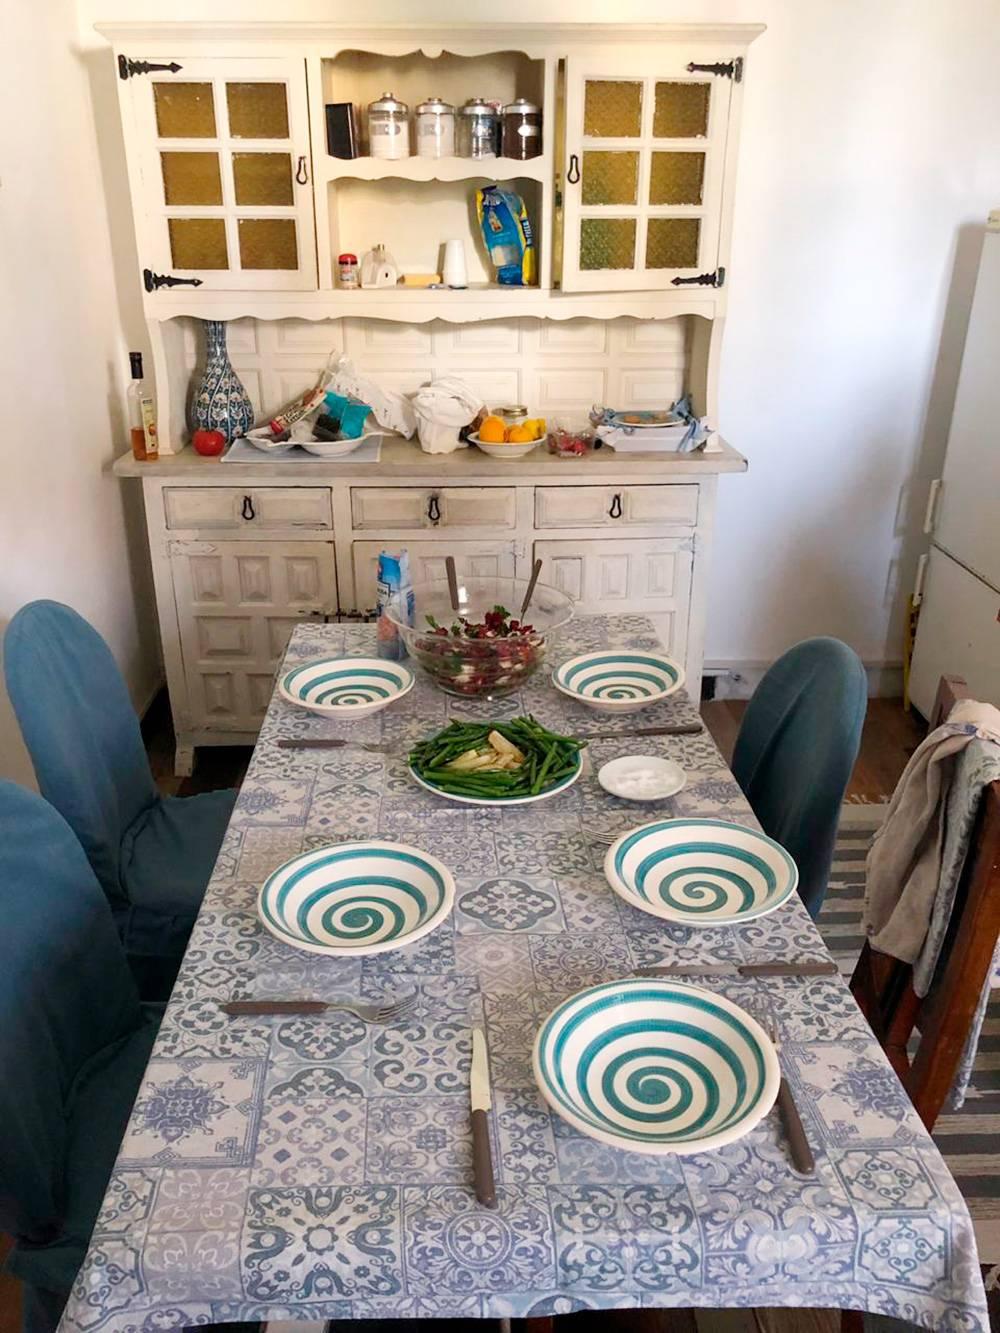 Уютная кухня в бело-голубых тонах с антикварным буфетом